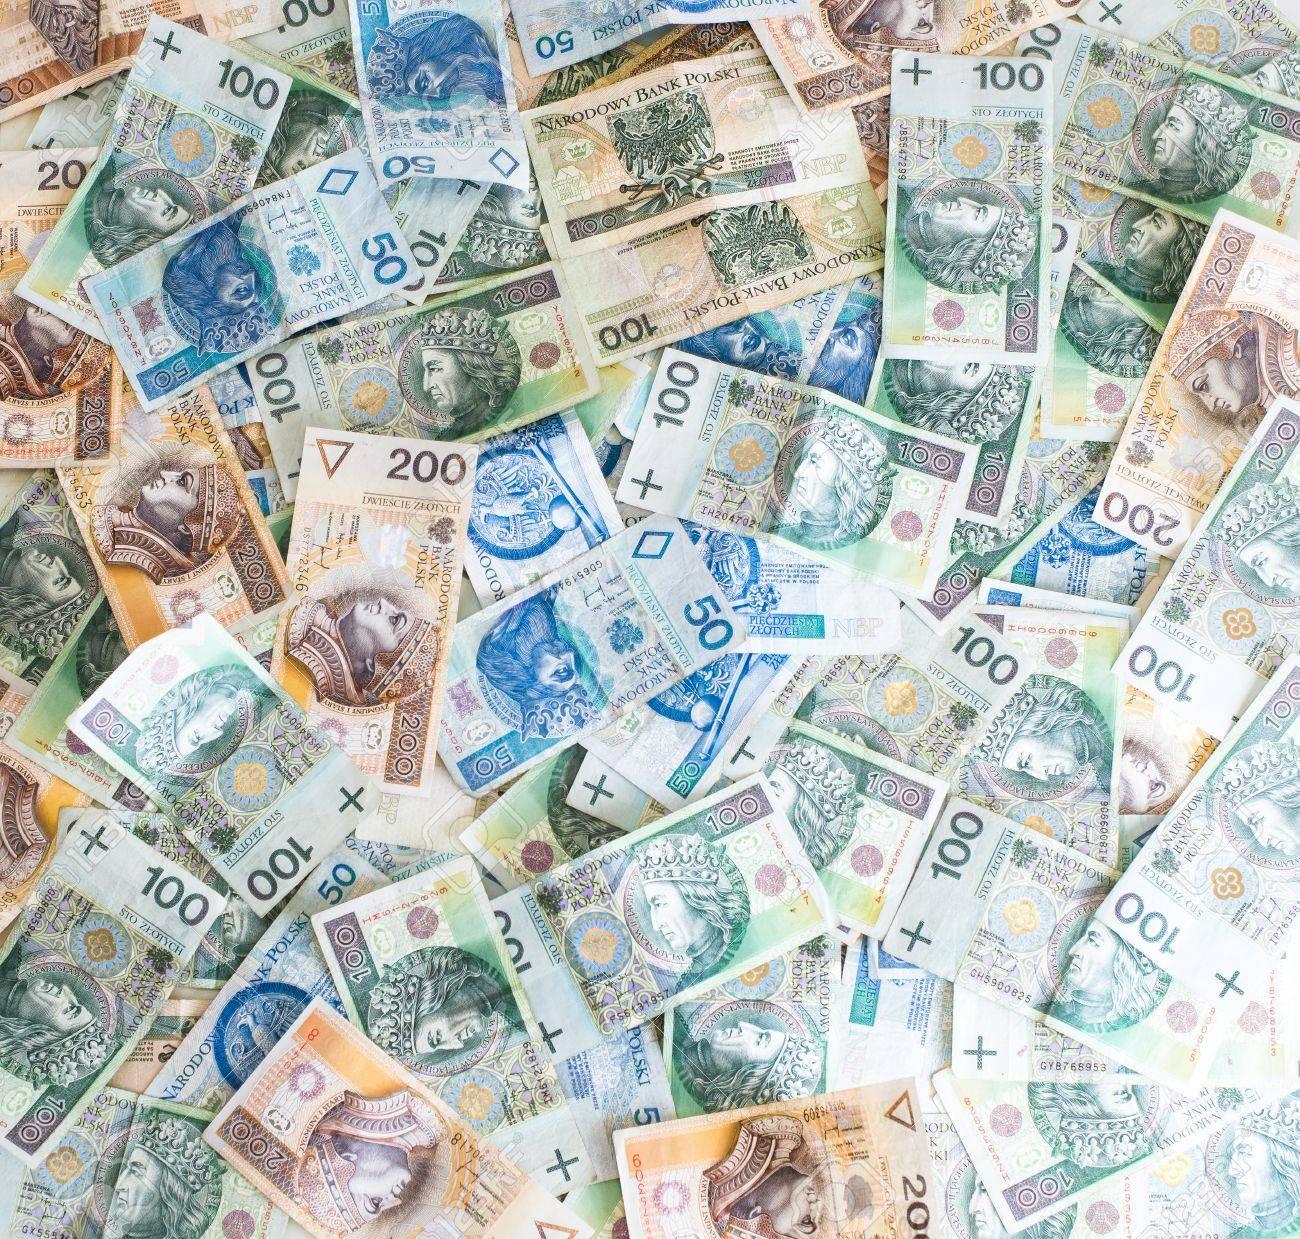 壁紙のポーランドのお金 ポーランド ズウォティ の写真素材 画像